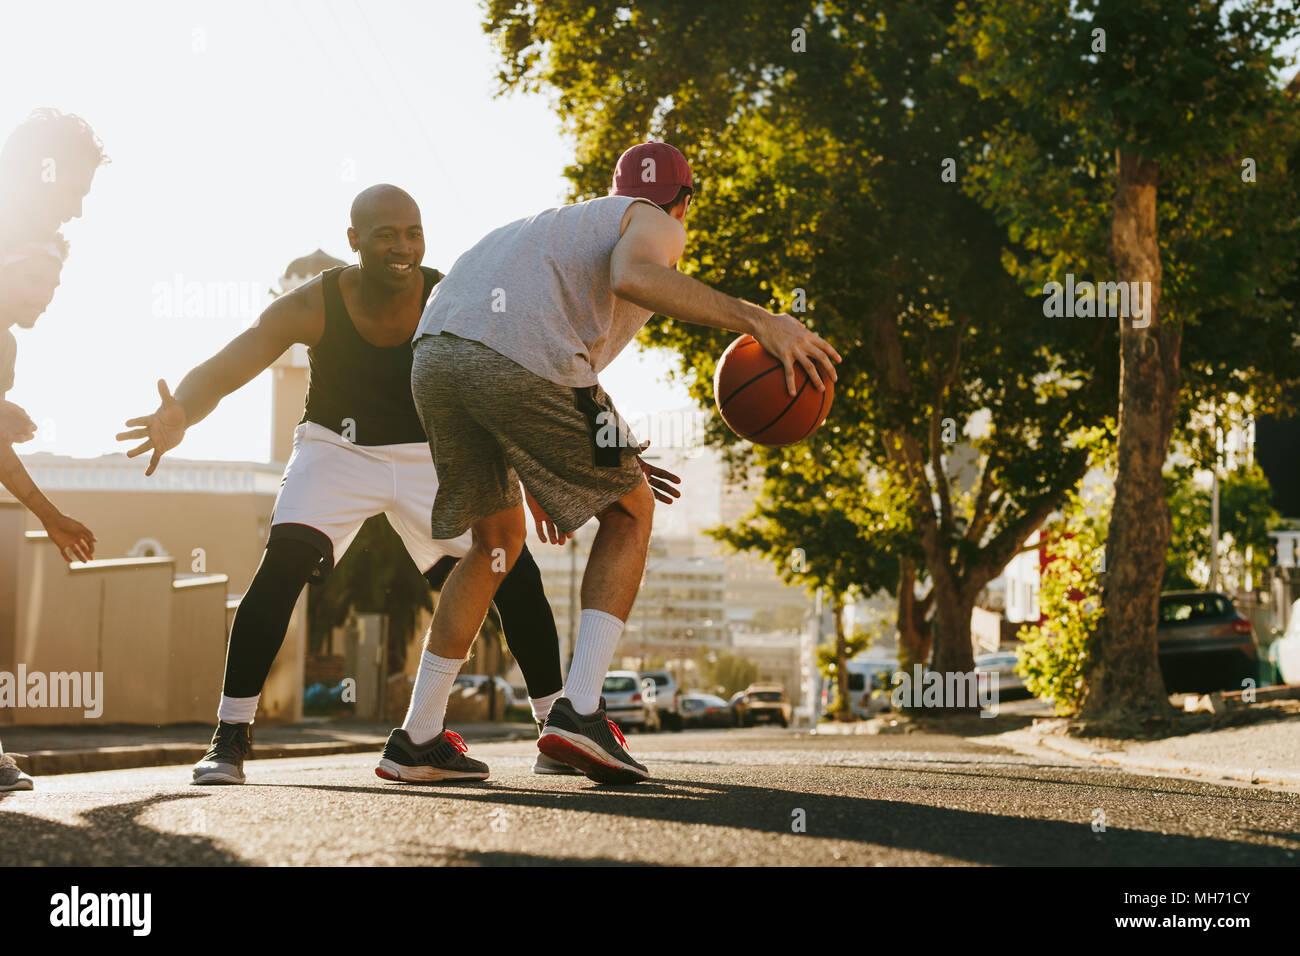 Les hommes jouant au basket-ball jeu sur une journée ensoleillée sur une rue vide. Quatre hommes jouant au basket-ball sur rue. Banque D'Images